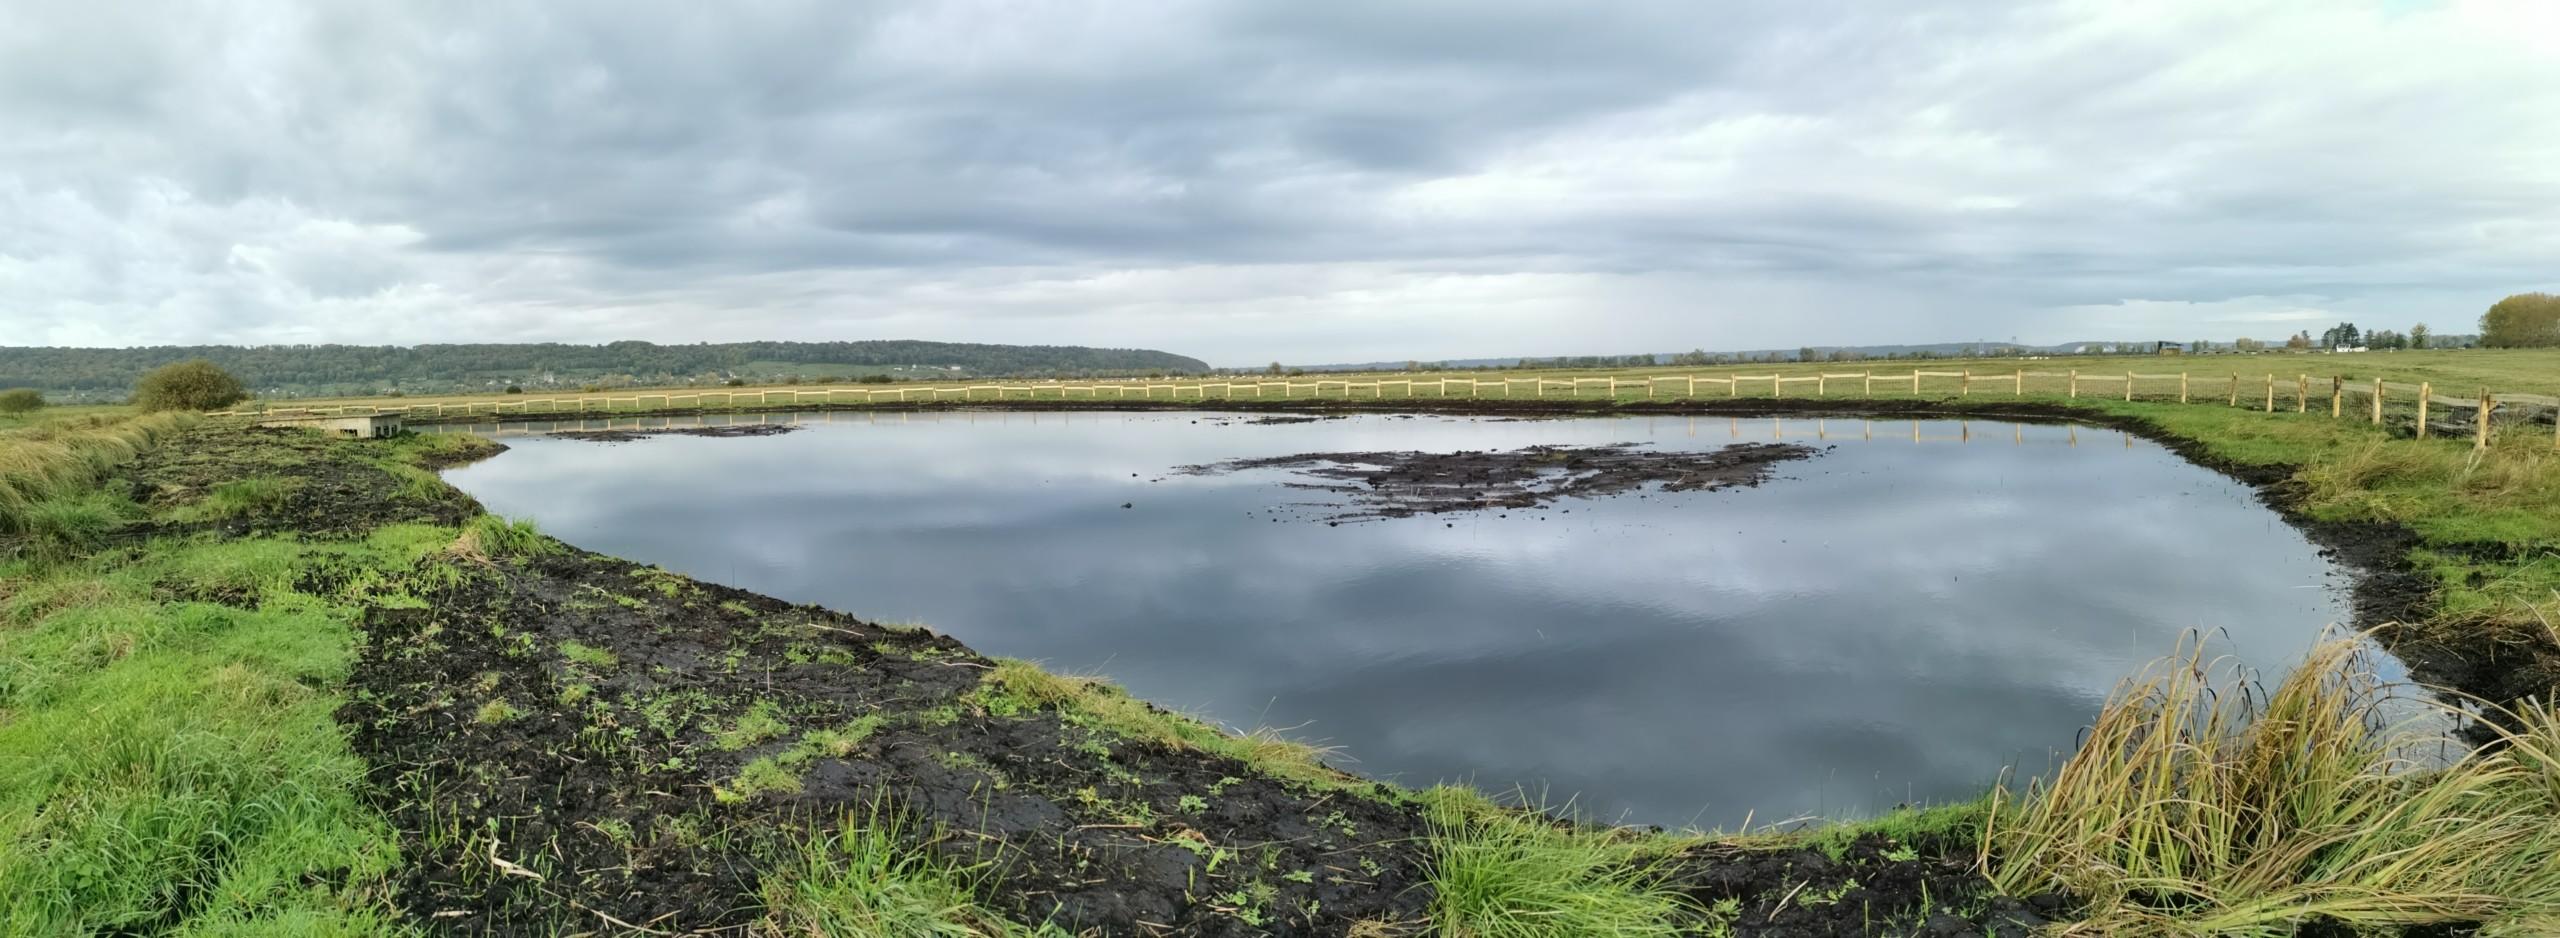 Image de la Ferme Modele - Panorama